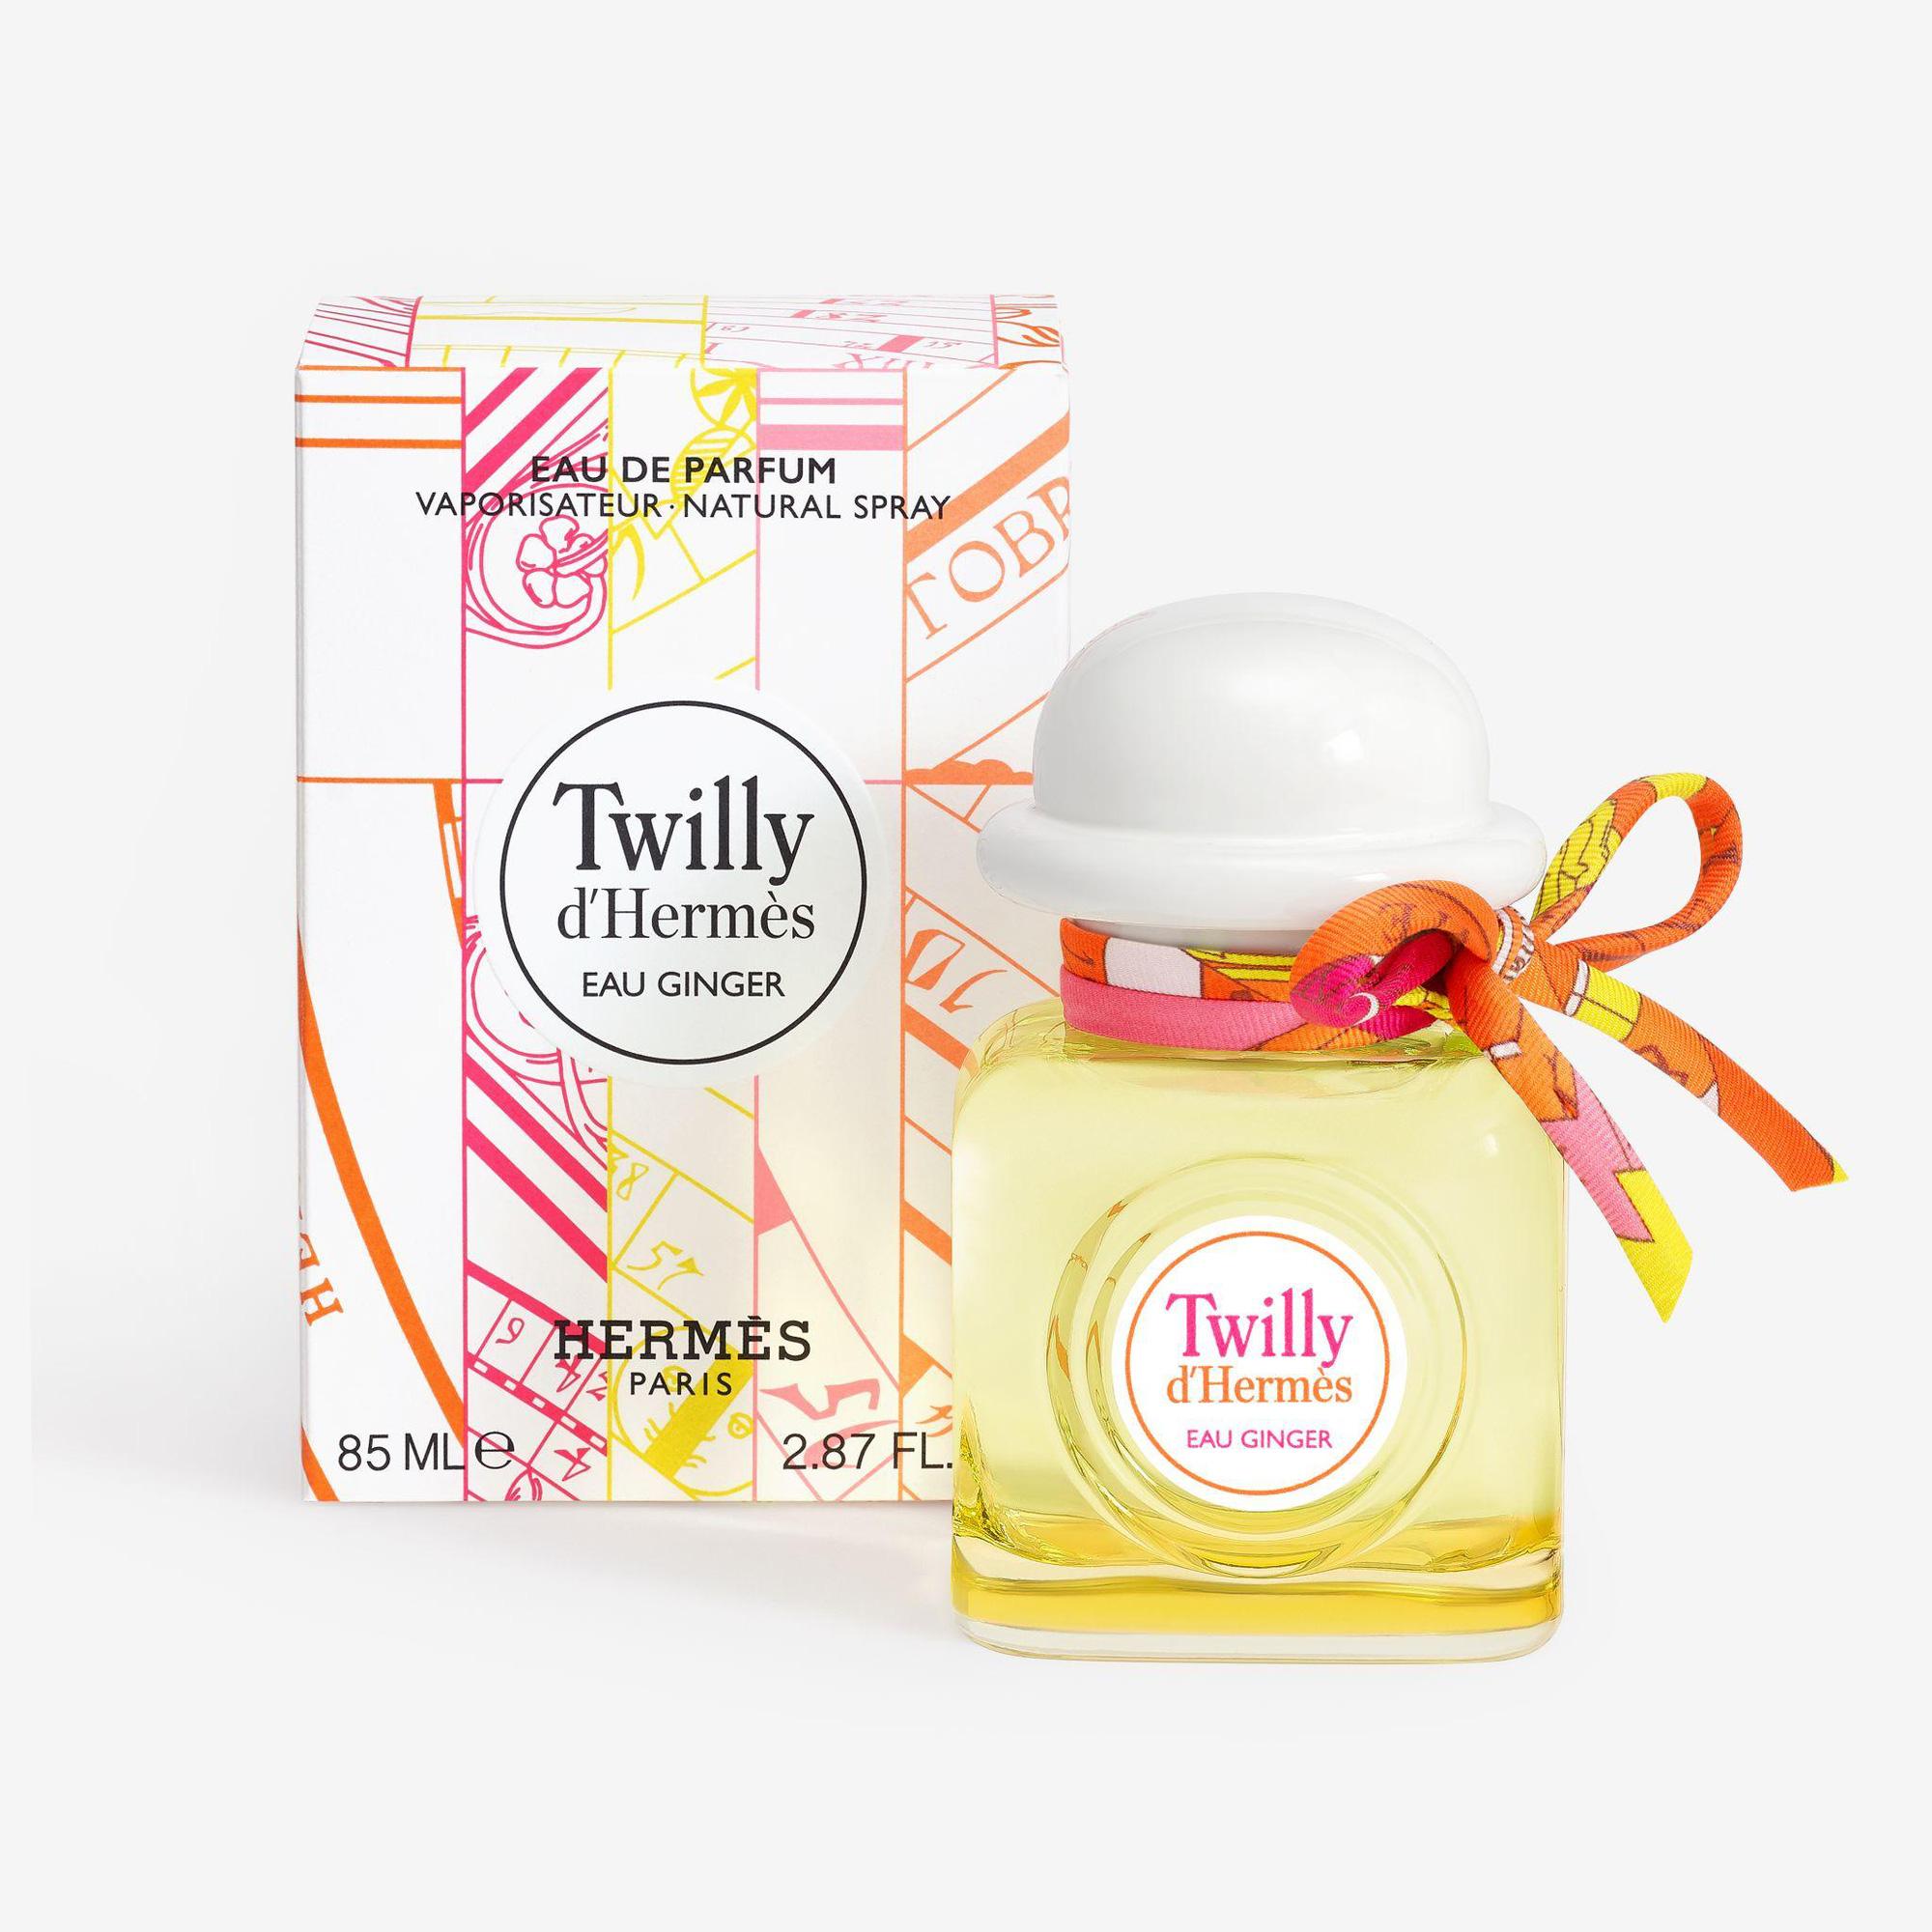 Nước hoa Twilly d'Hermès Eau Ginger: Niềm vui ấm áp cho tiết sang Thu - Ảnh 1.